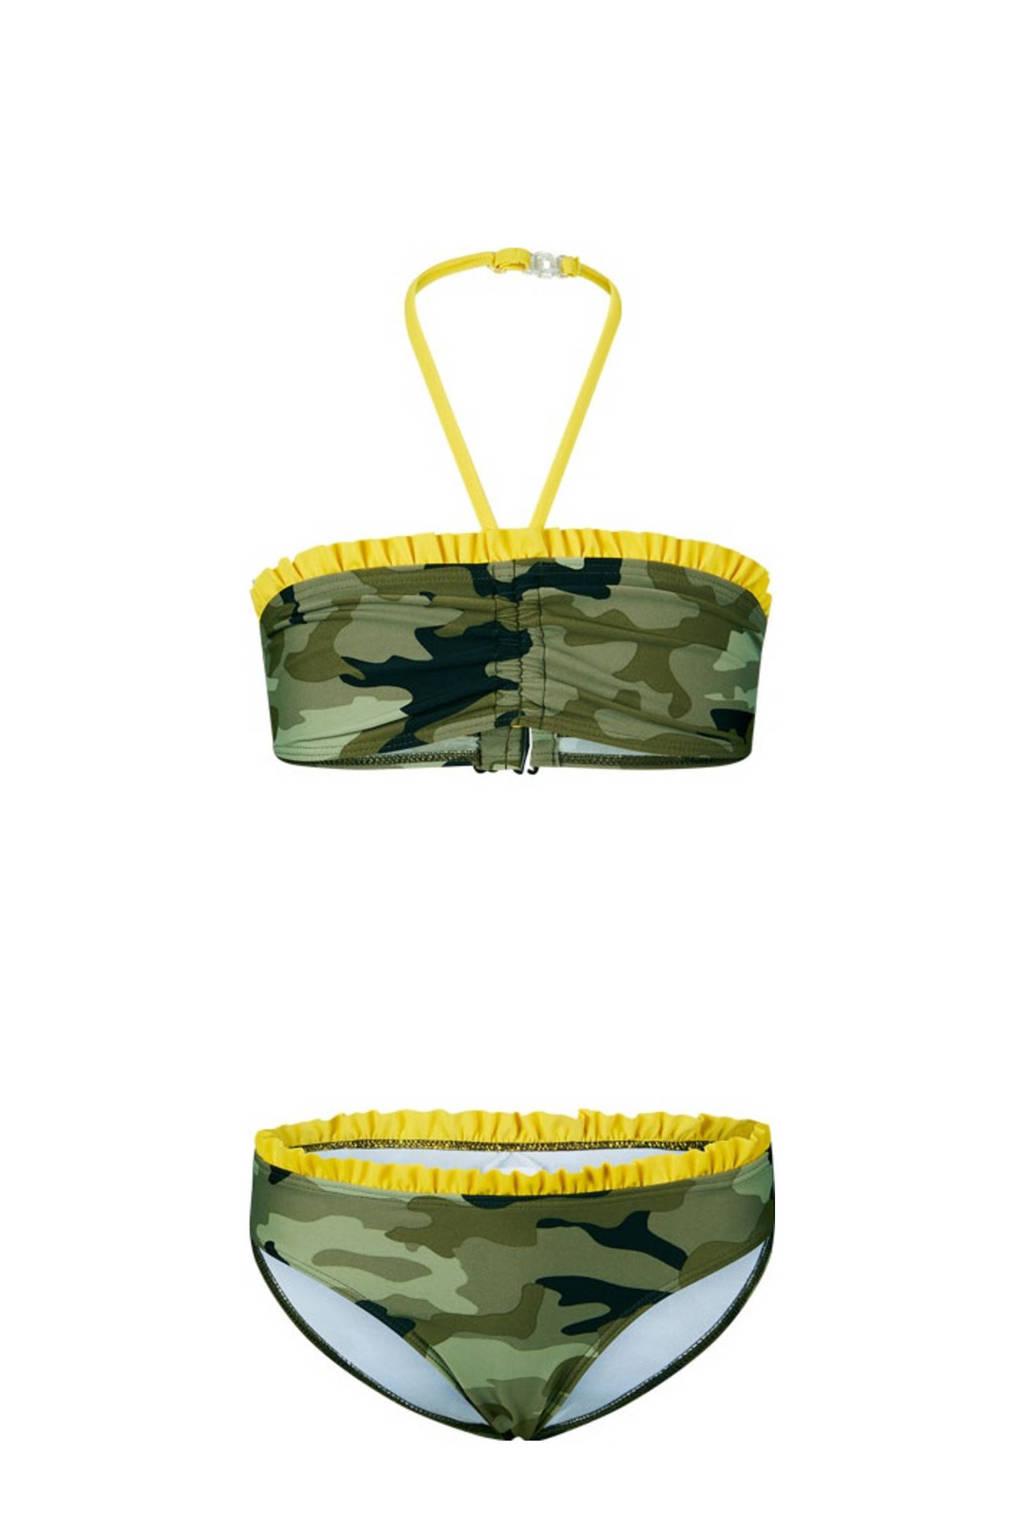 Retour Denim bandeau bikini Elisa met camouflage print groen/geel/zwart, Groen/geel/zwart